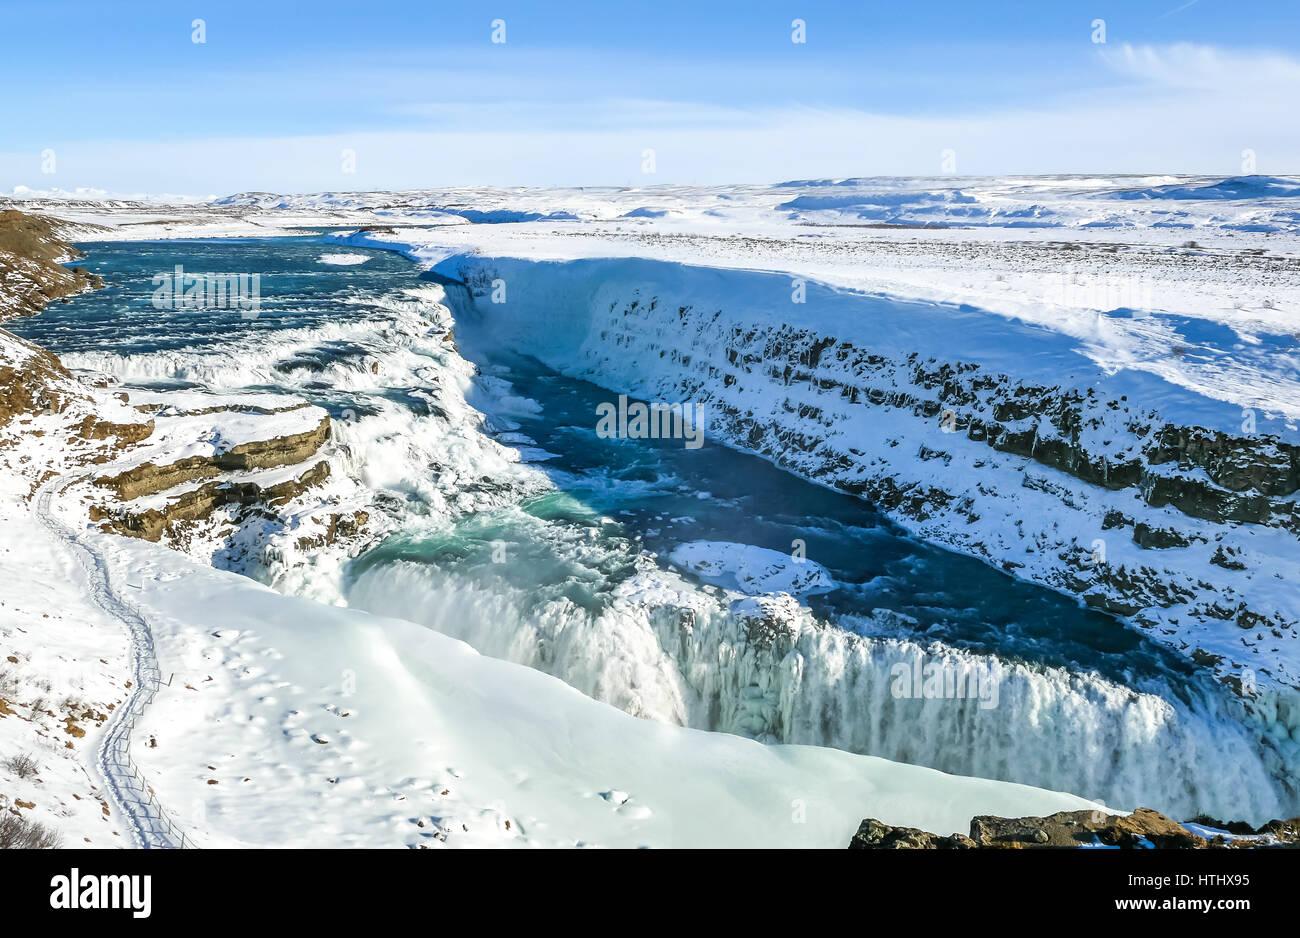 Guardando oltre il bordo della scogliera a due tier cascate gelate, Gullfoss, Golden Circle, Islanda Foto Stock